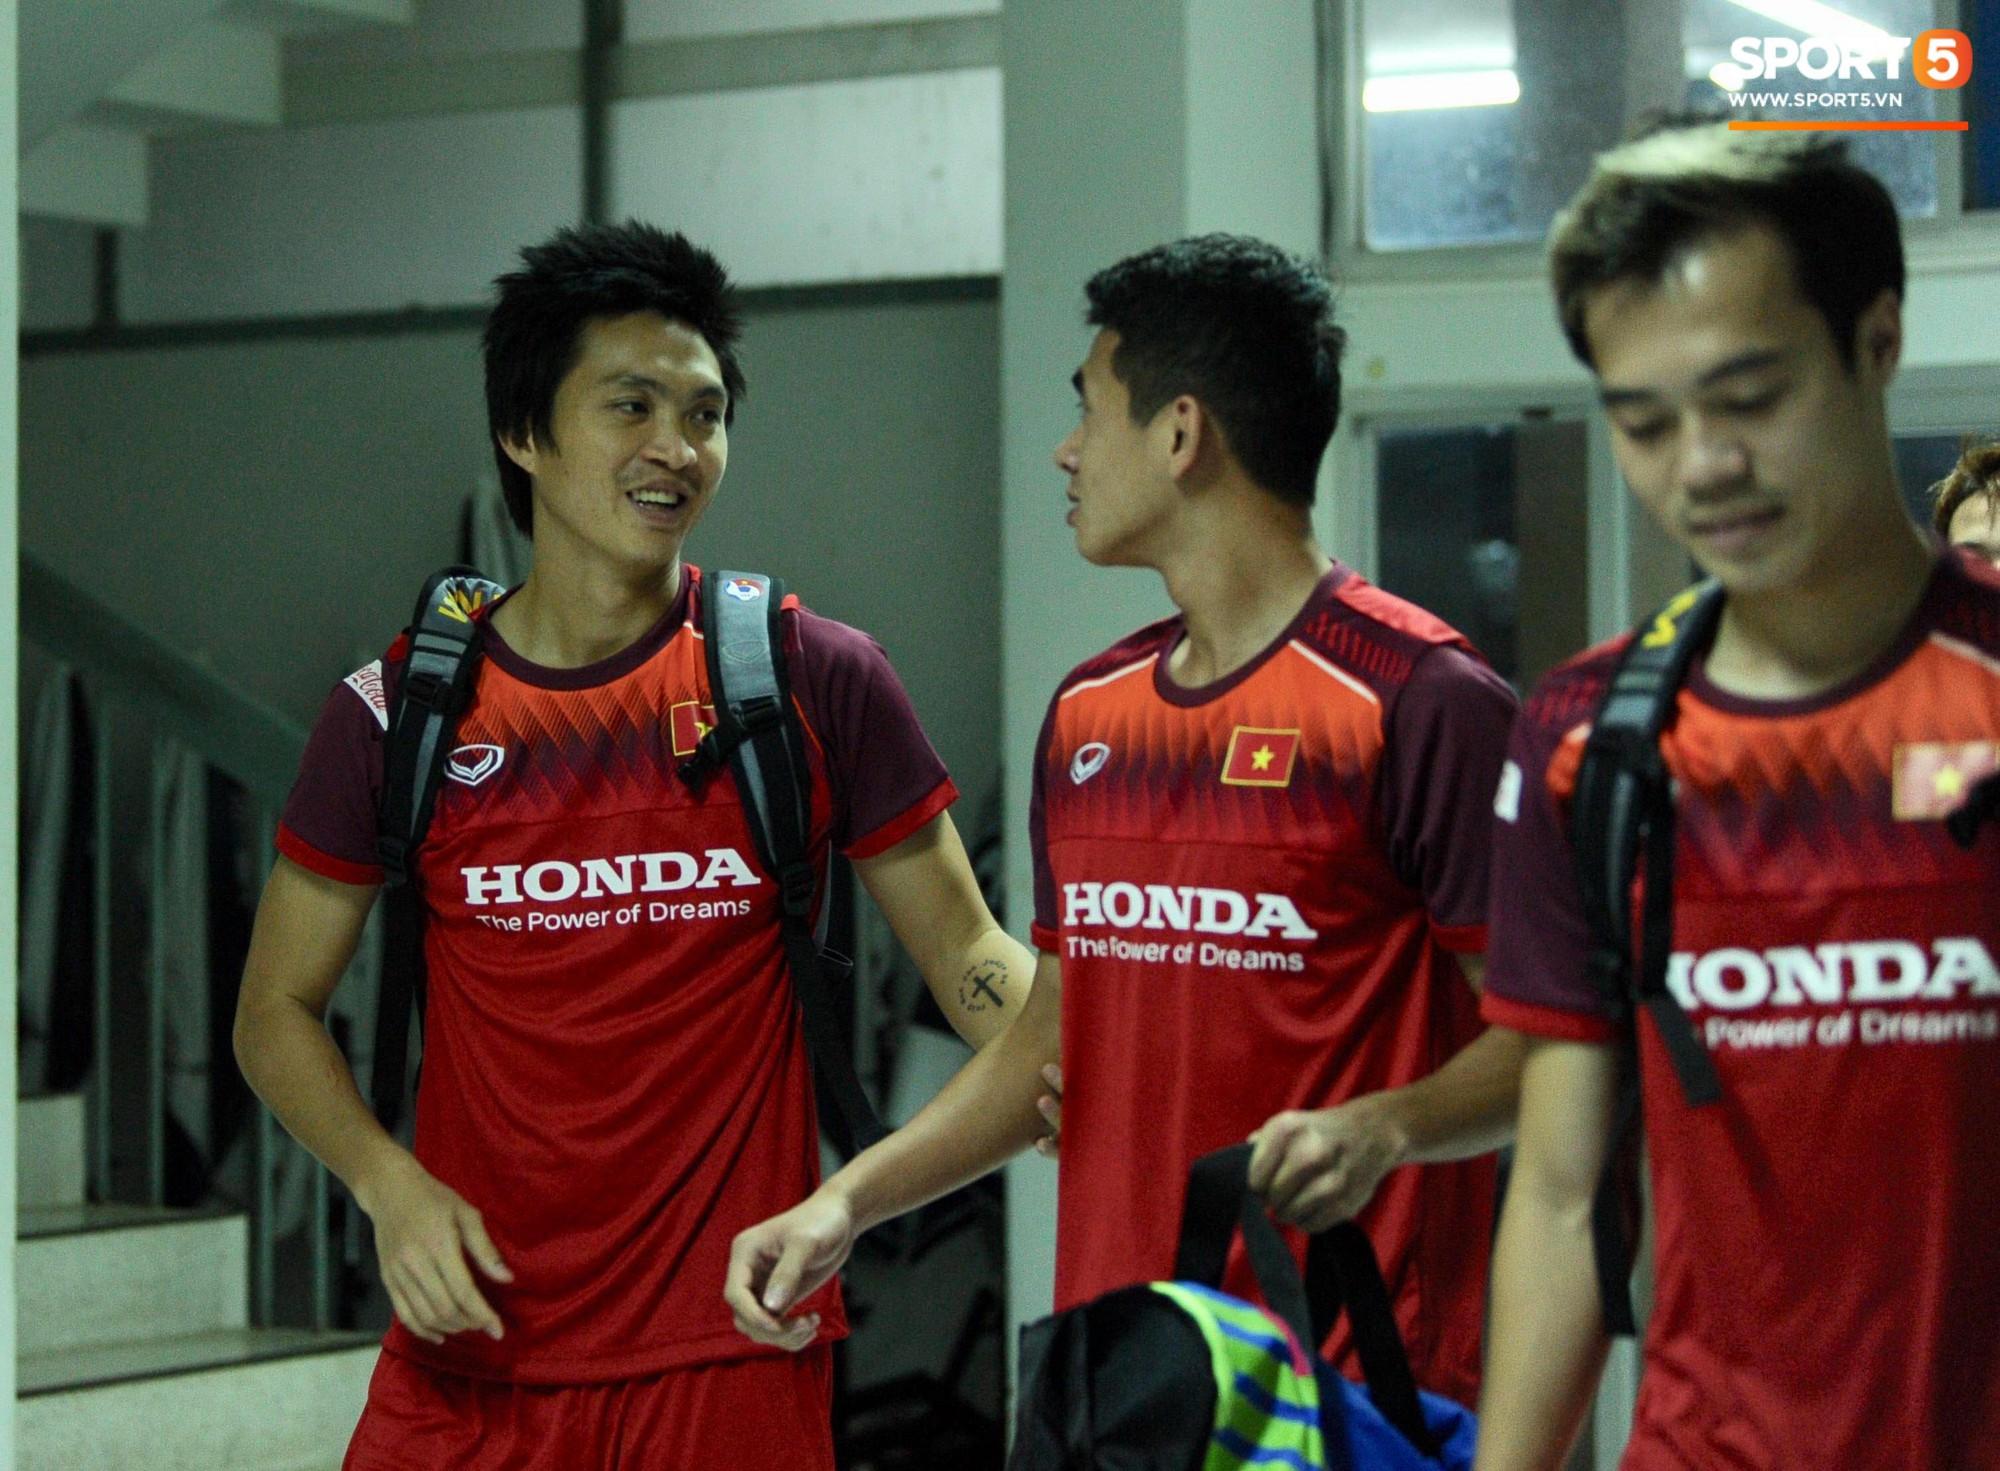 Xuân Trường trò chuyện không ngớt cùng Tuấn Anh, cặp tiền vệ tài hoa ngày nào của U19 Việt Nam chính thức tái hợp - Ảnh 1.